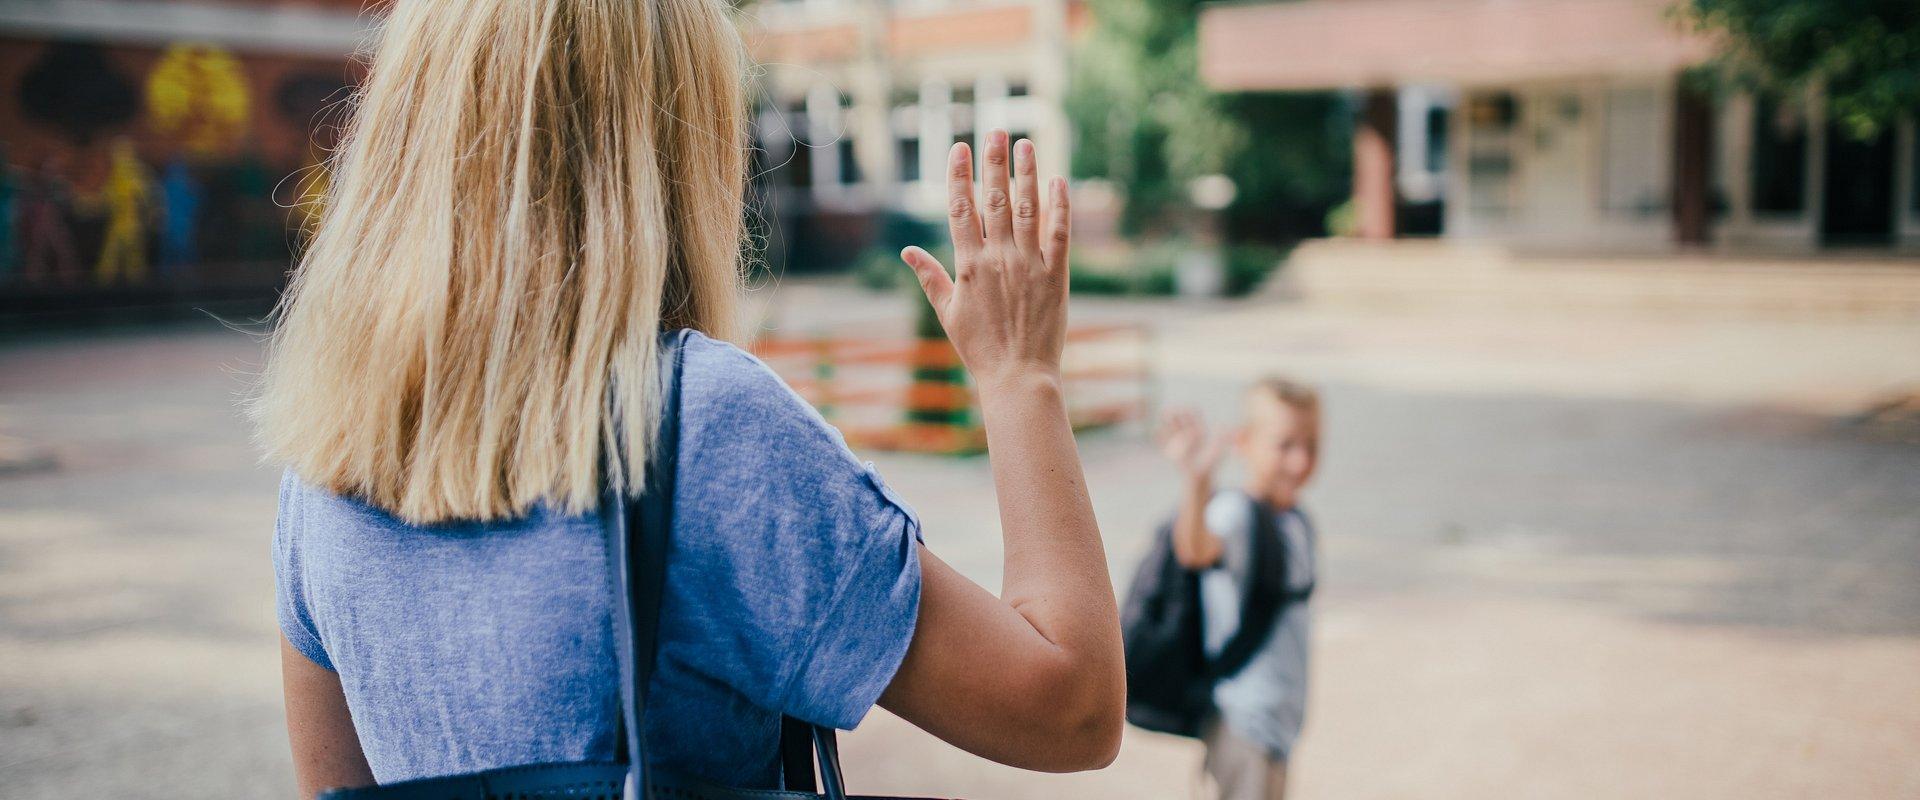 Przed pierwszym dzwonkiem połowa Polaków boi się samodzielnej drogi dziecka do szkoły